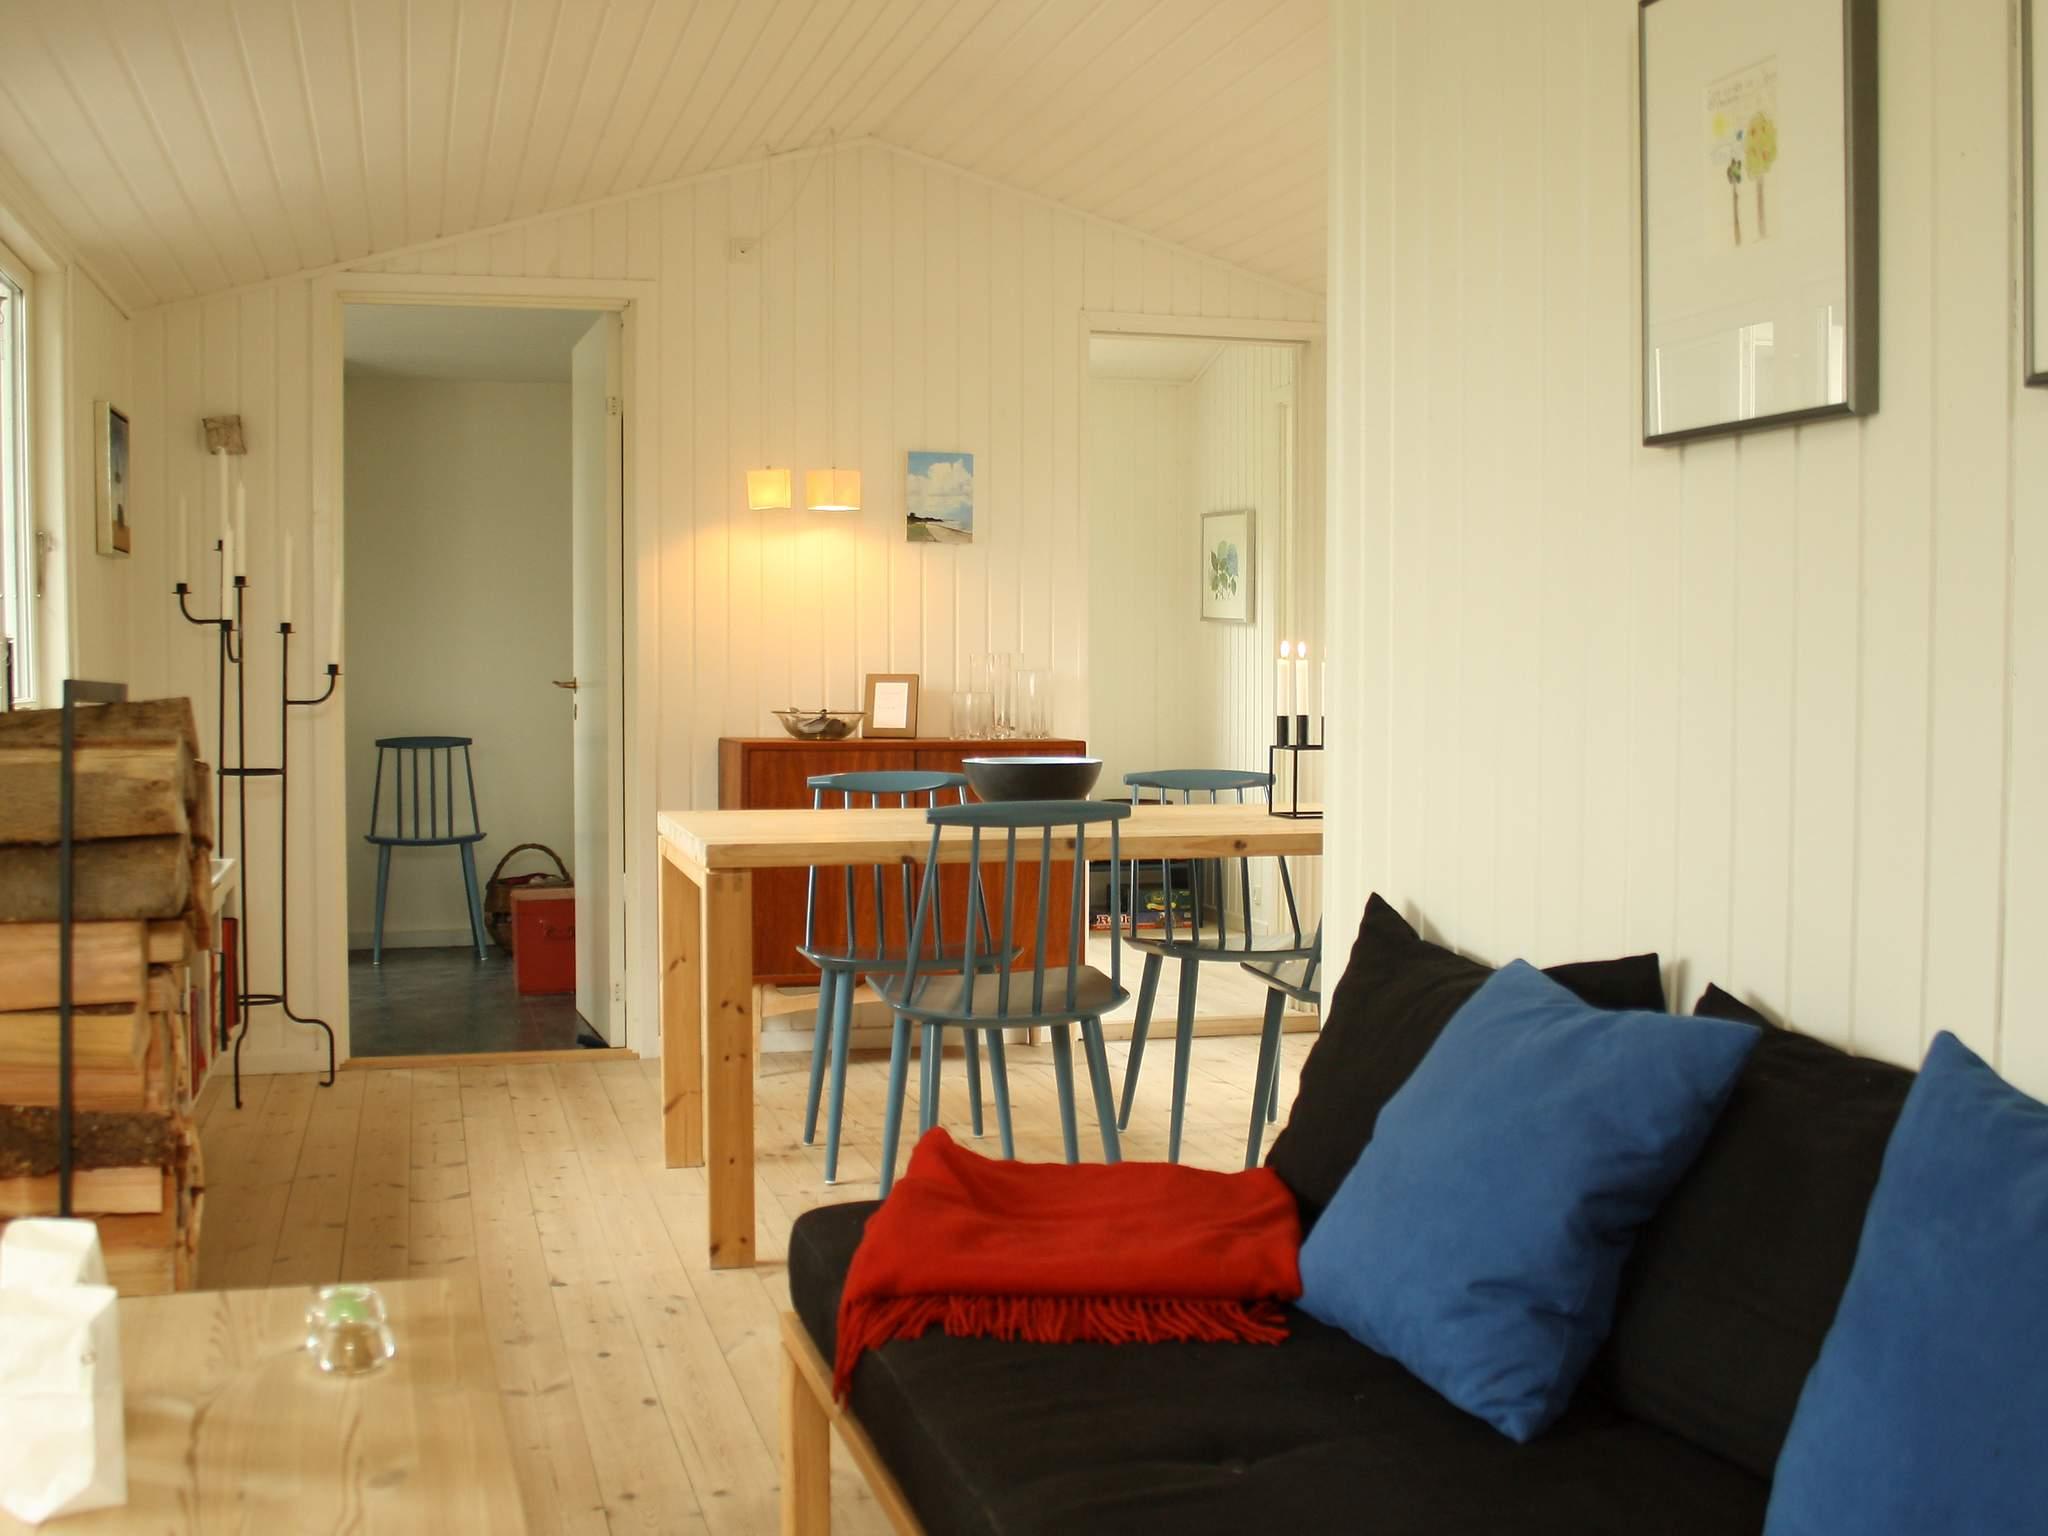 Ferienhaus Kulhuse (662167), Kulhuse, , Nordseeland, Dänemark, Bild 5